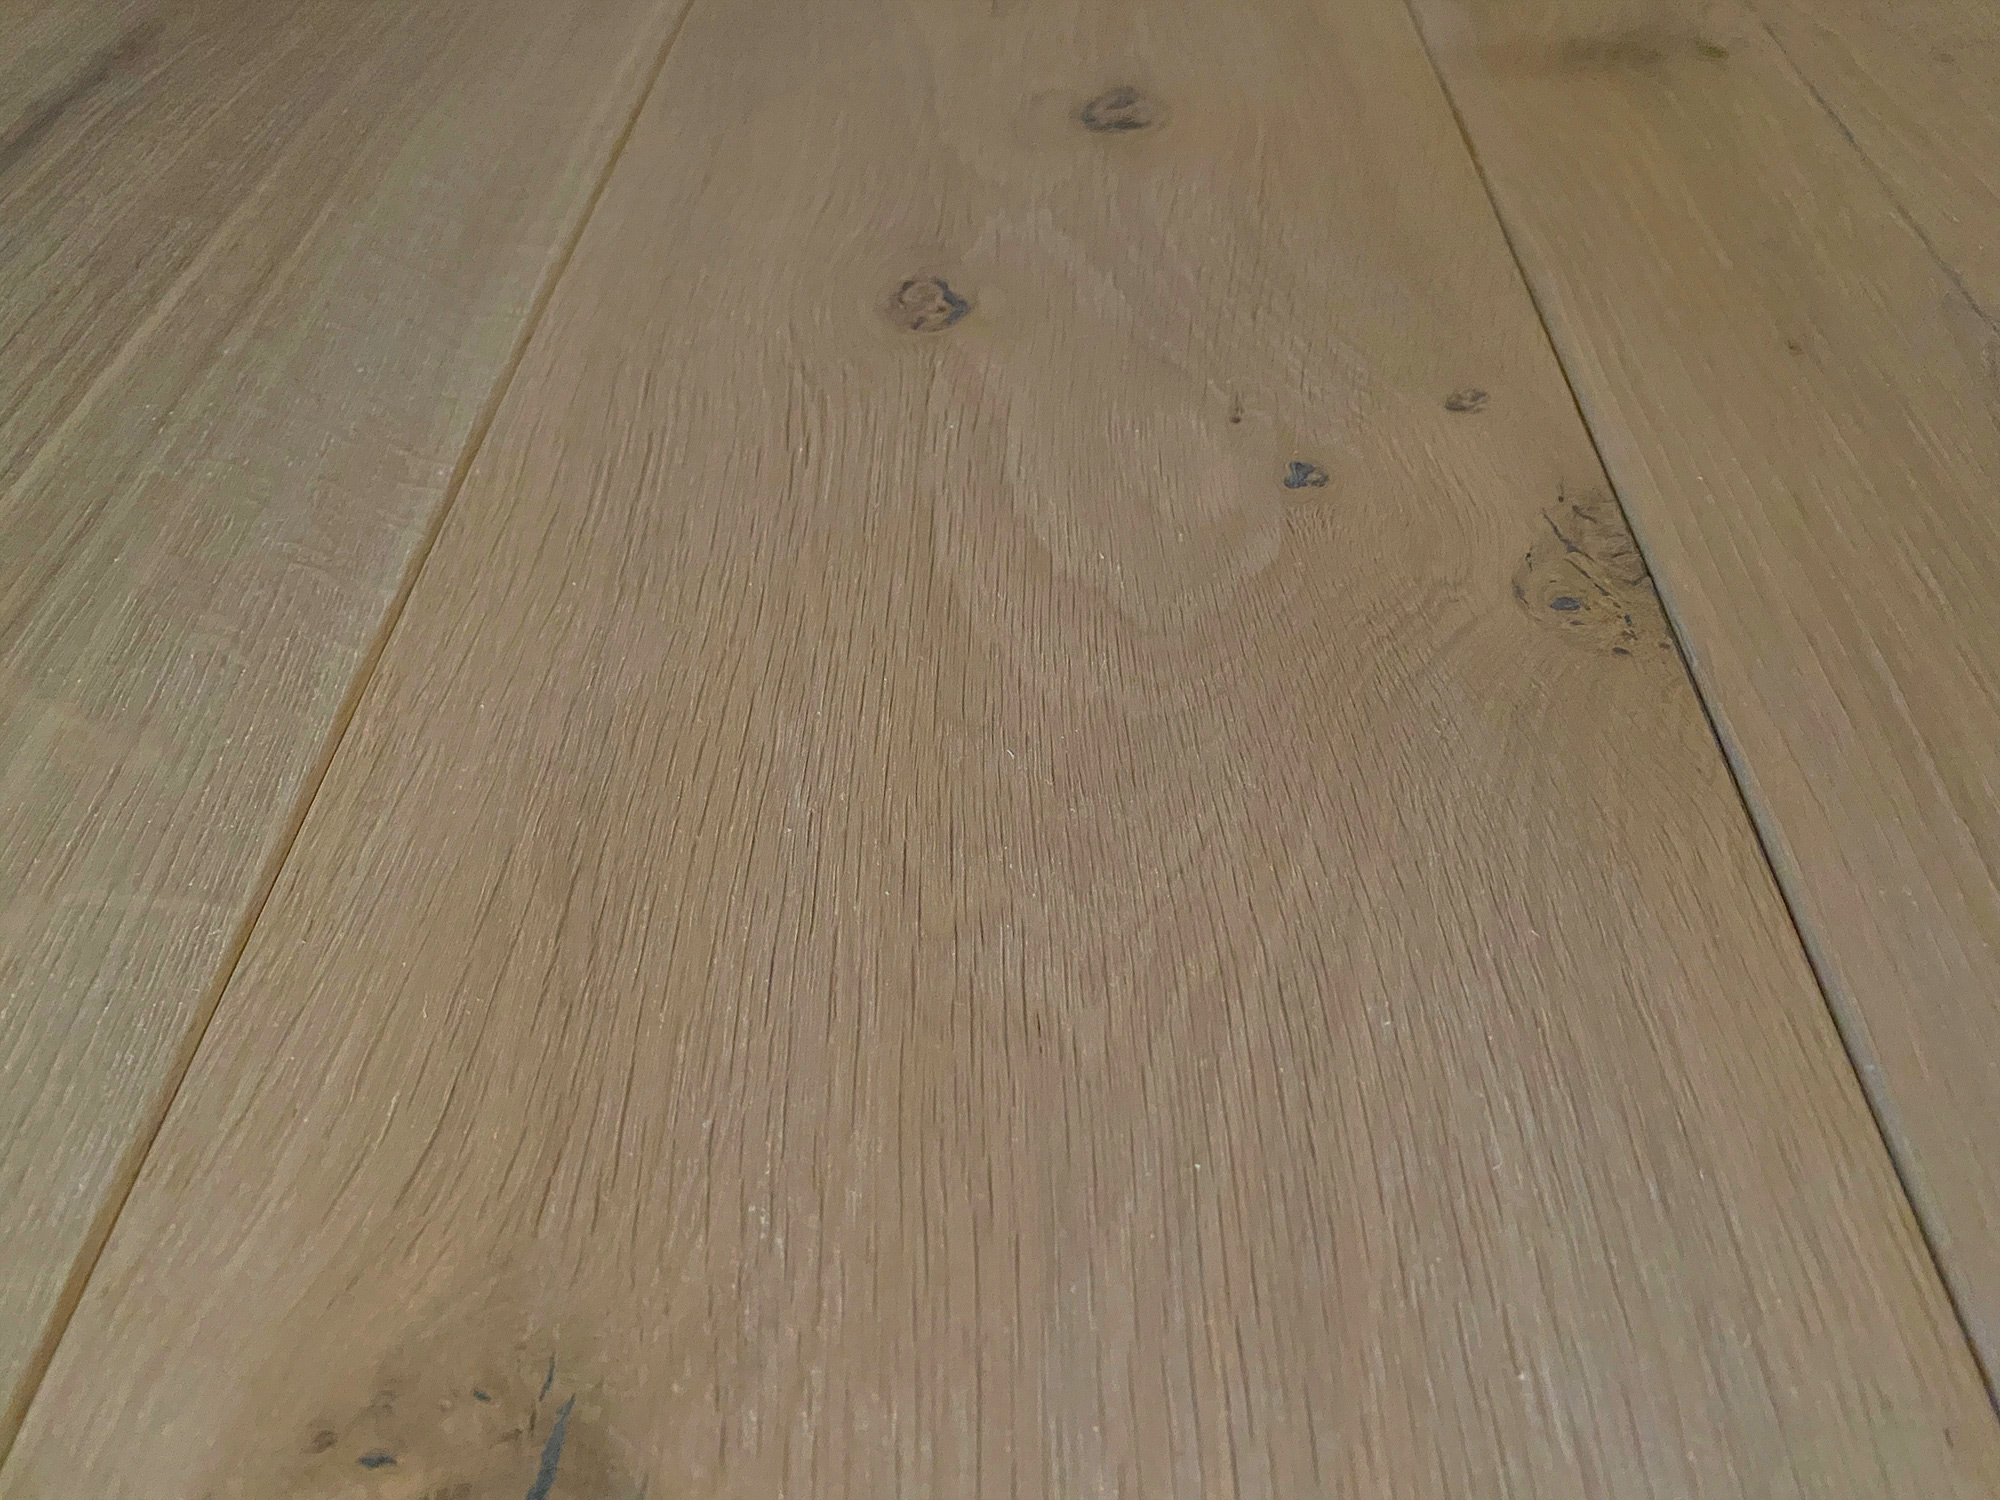 Engineered oak floor boards